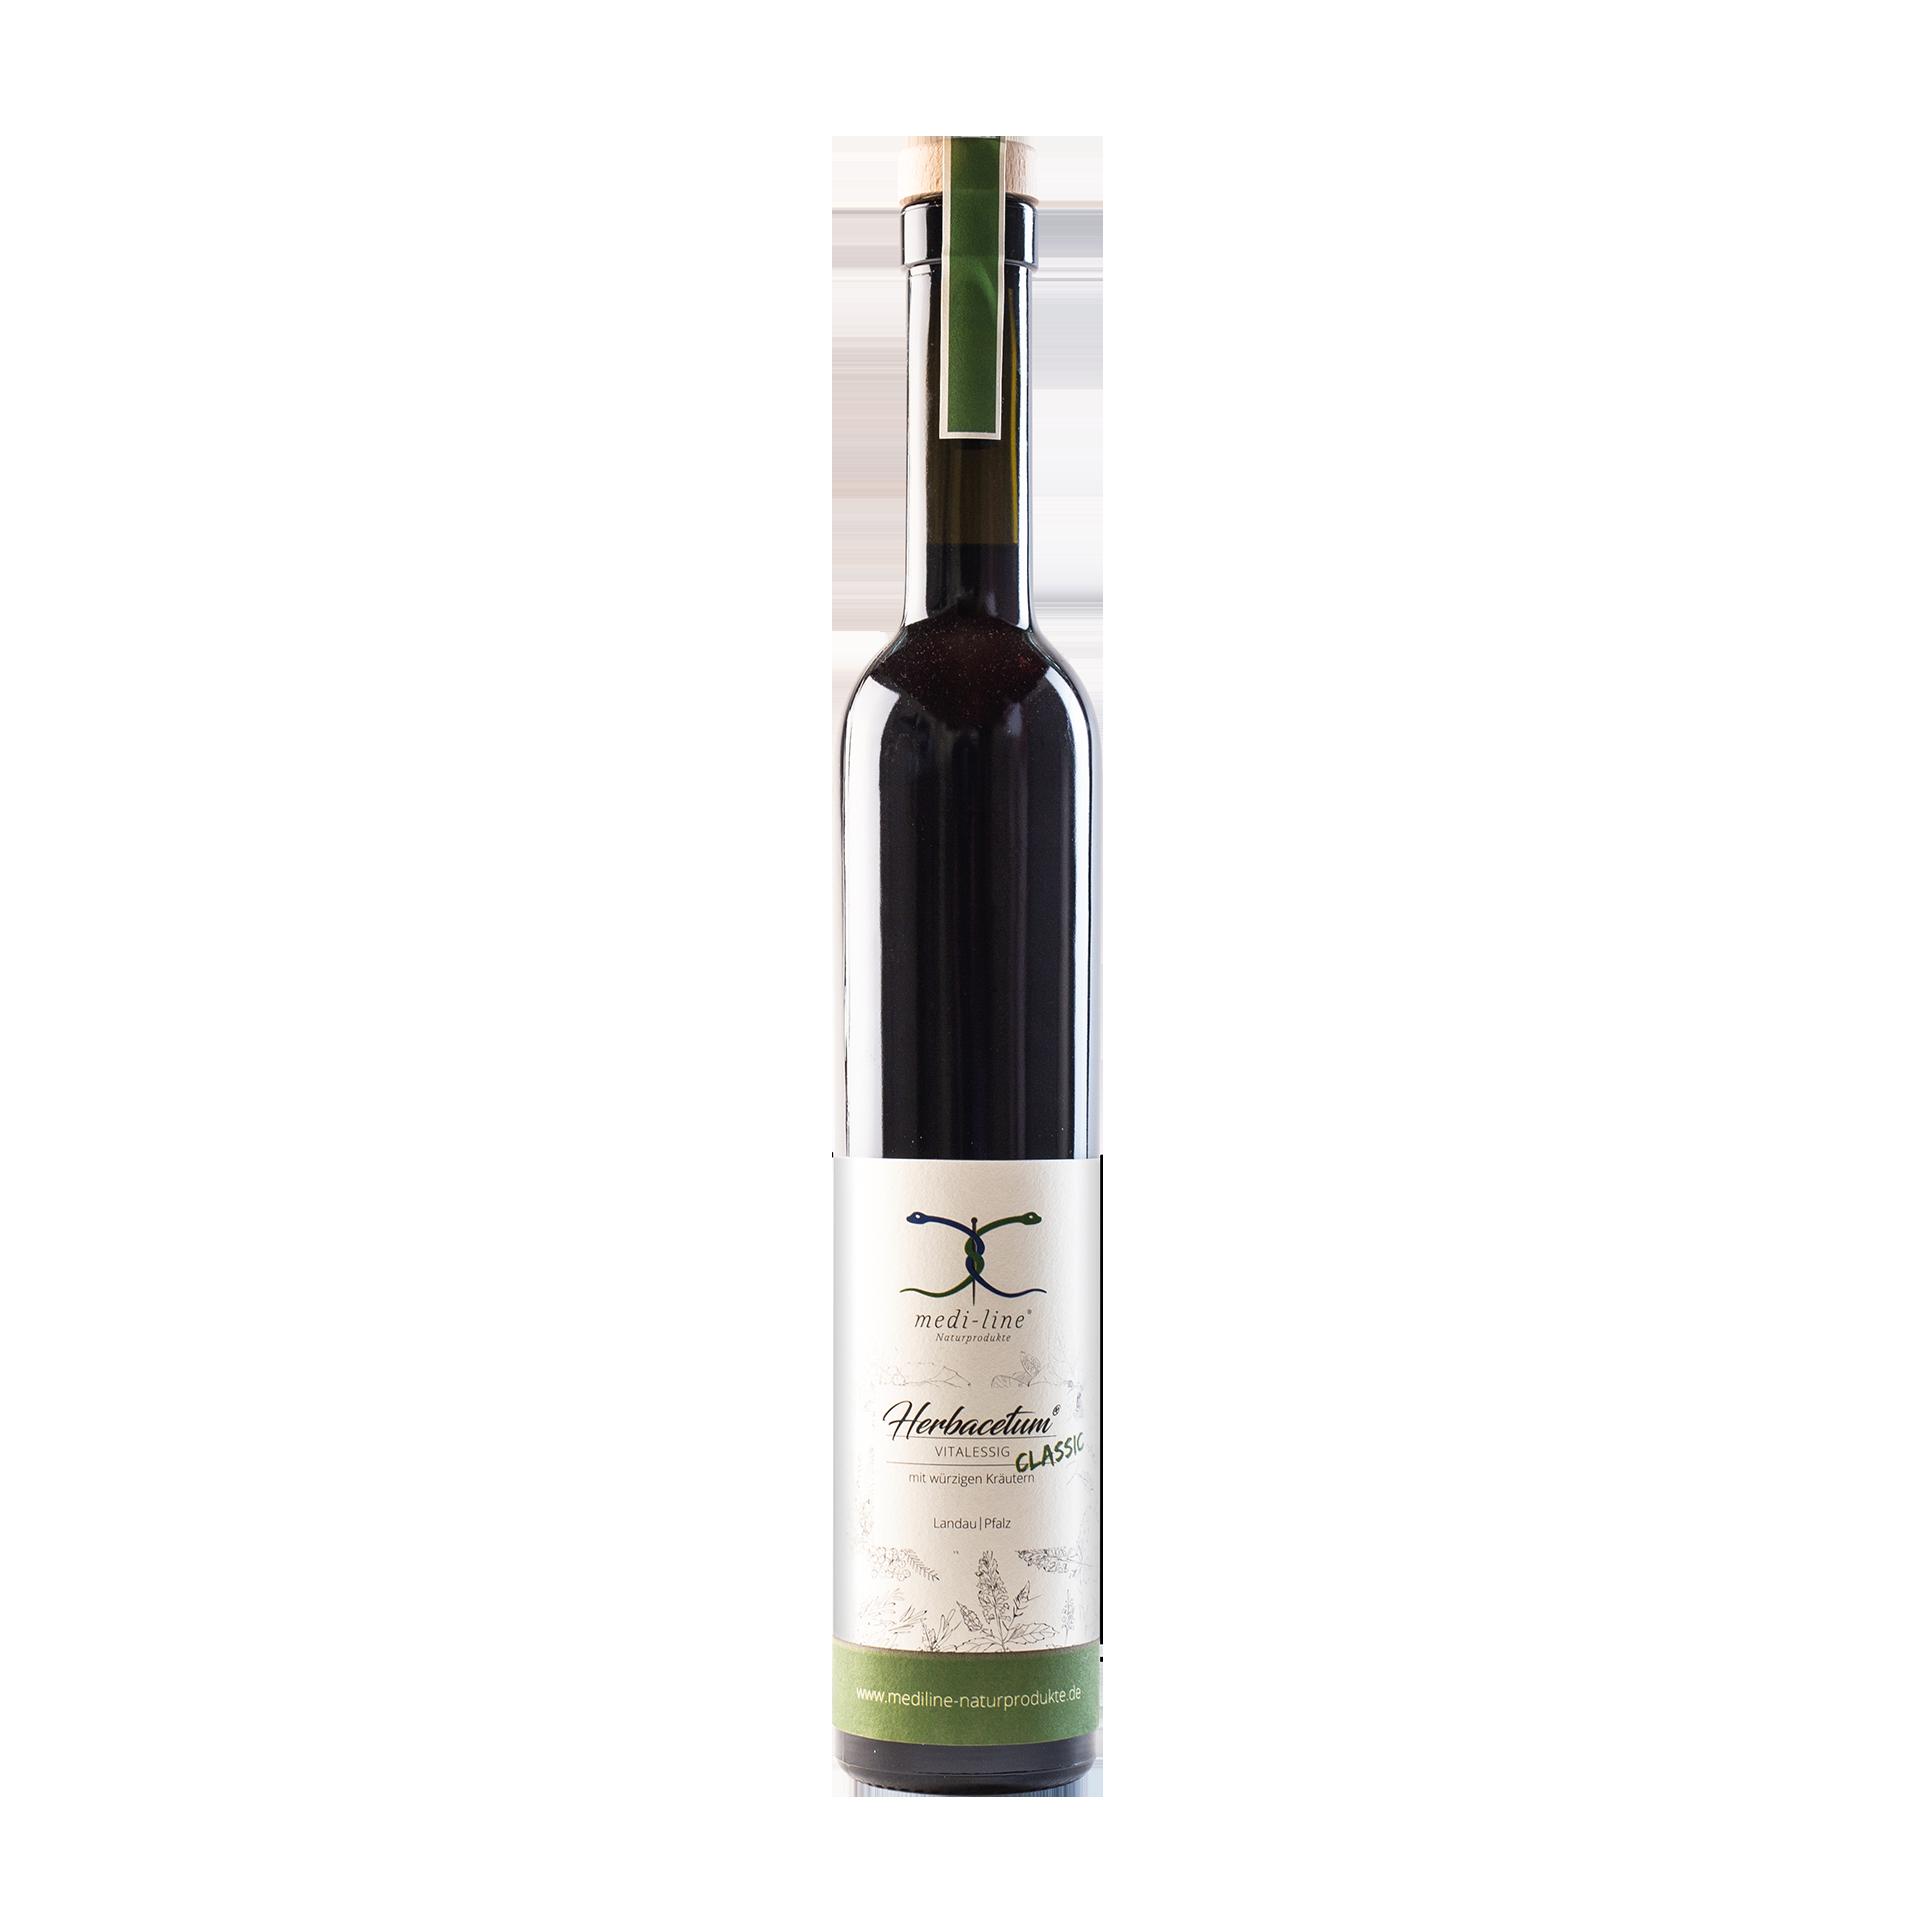 Herbacetum classic, 500 ml